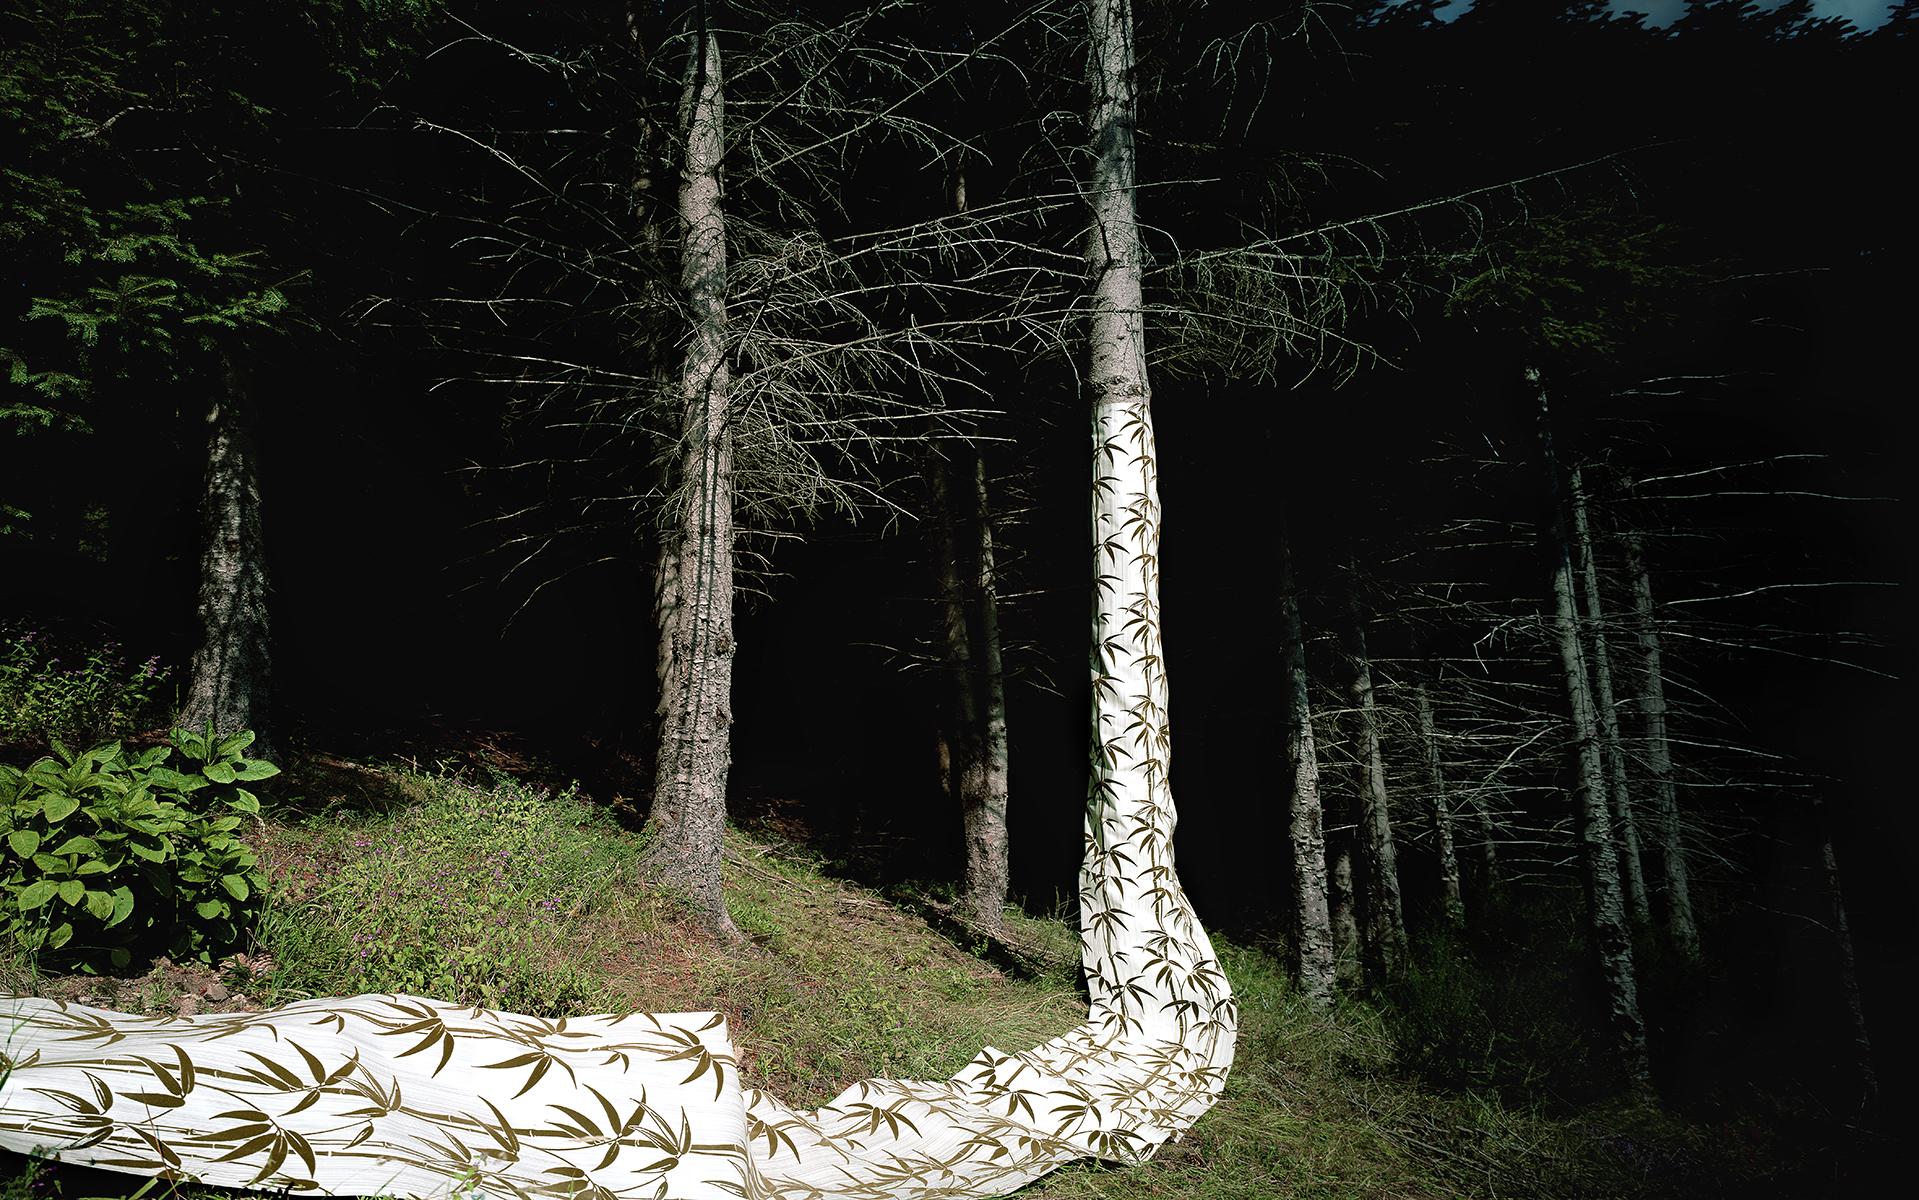 Natasja Verschoor Wallpaper Tree